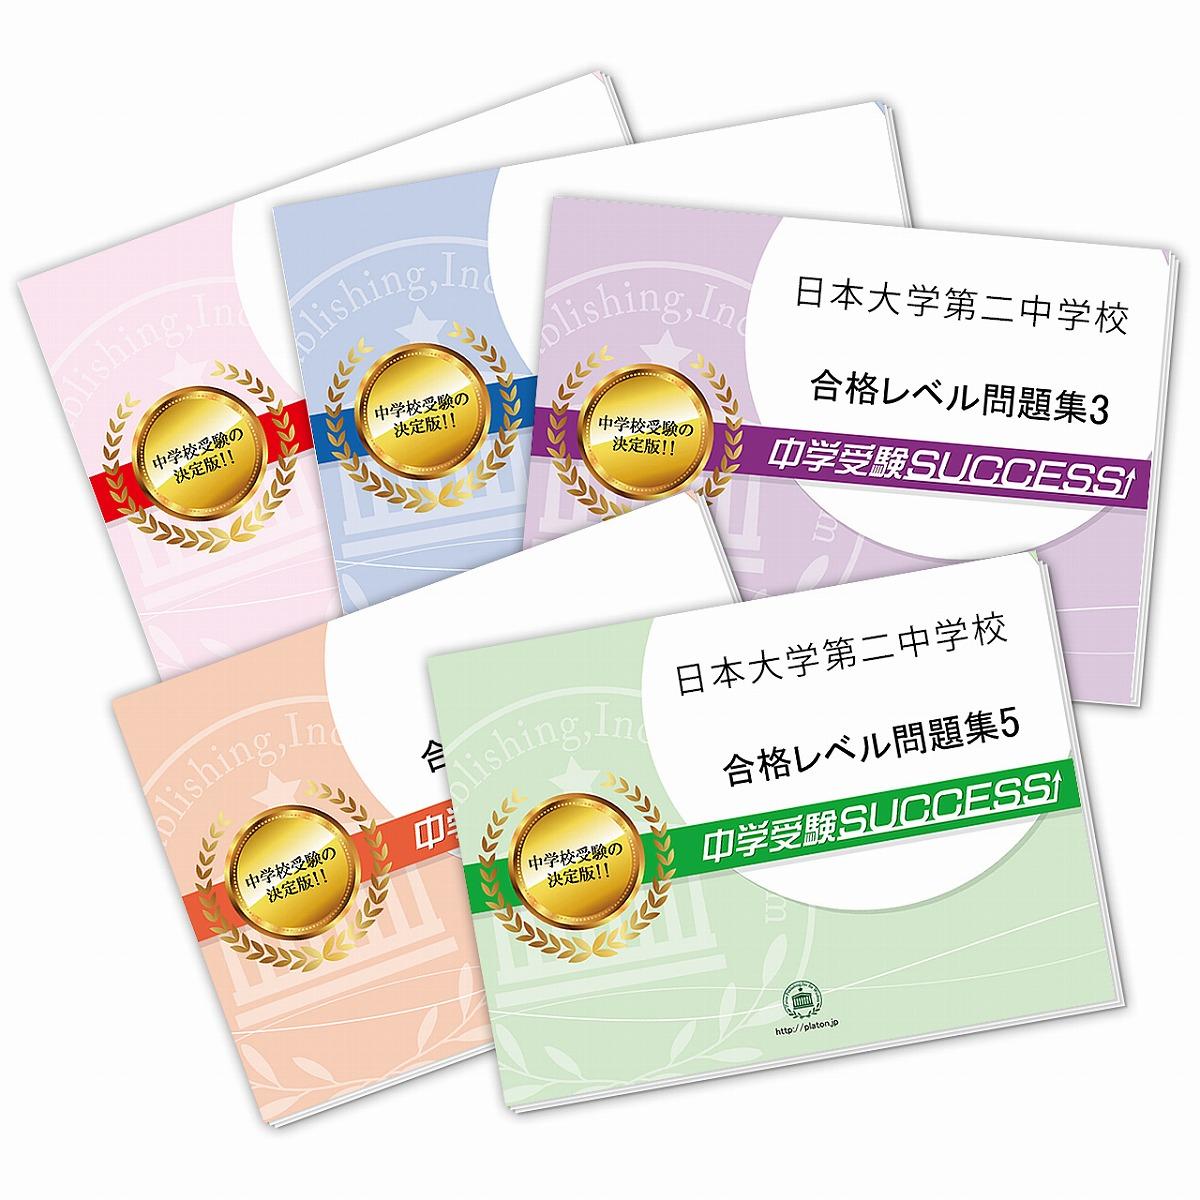 【送料・代引手数料無料】日本大学第二中学校・直前対策合格セット(5冊)